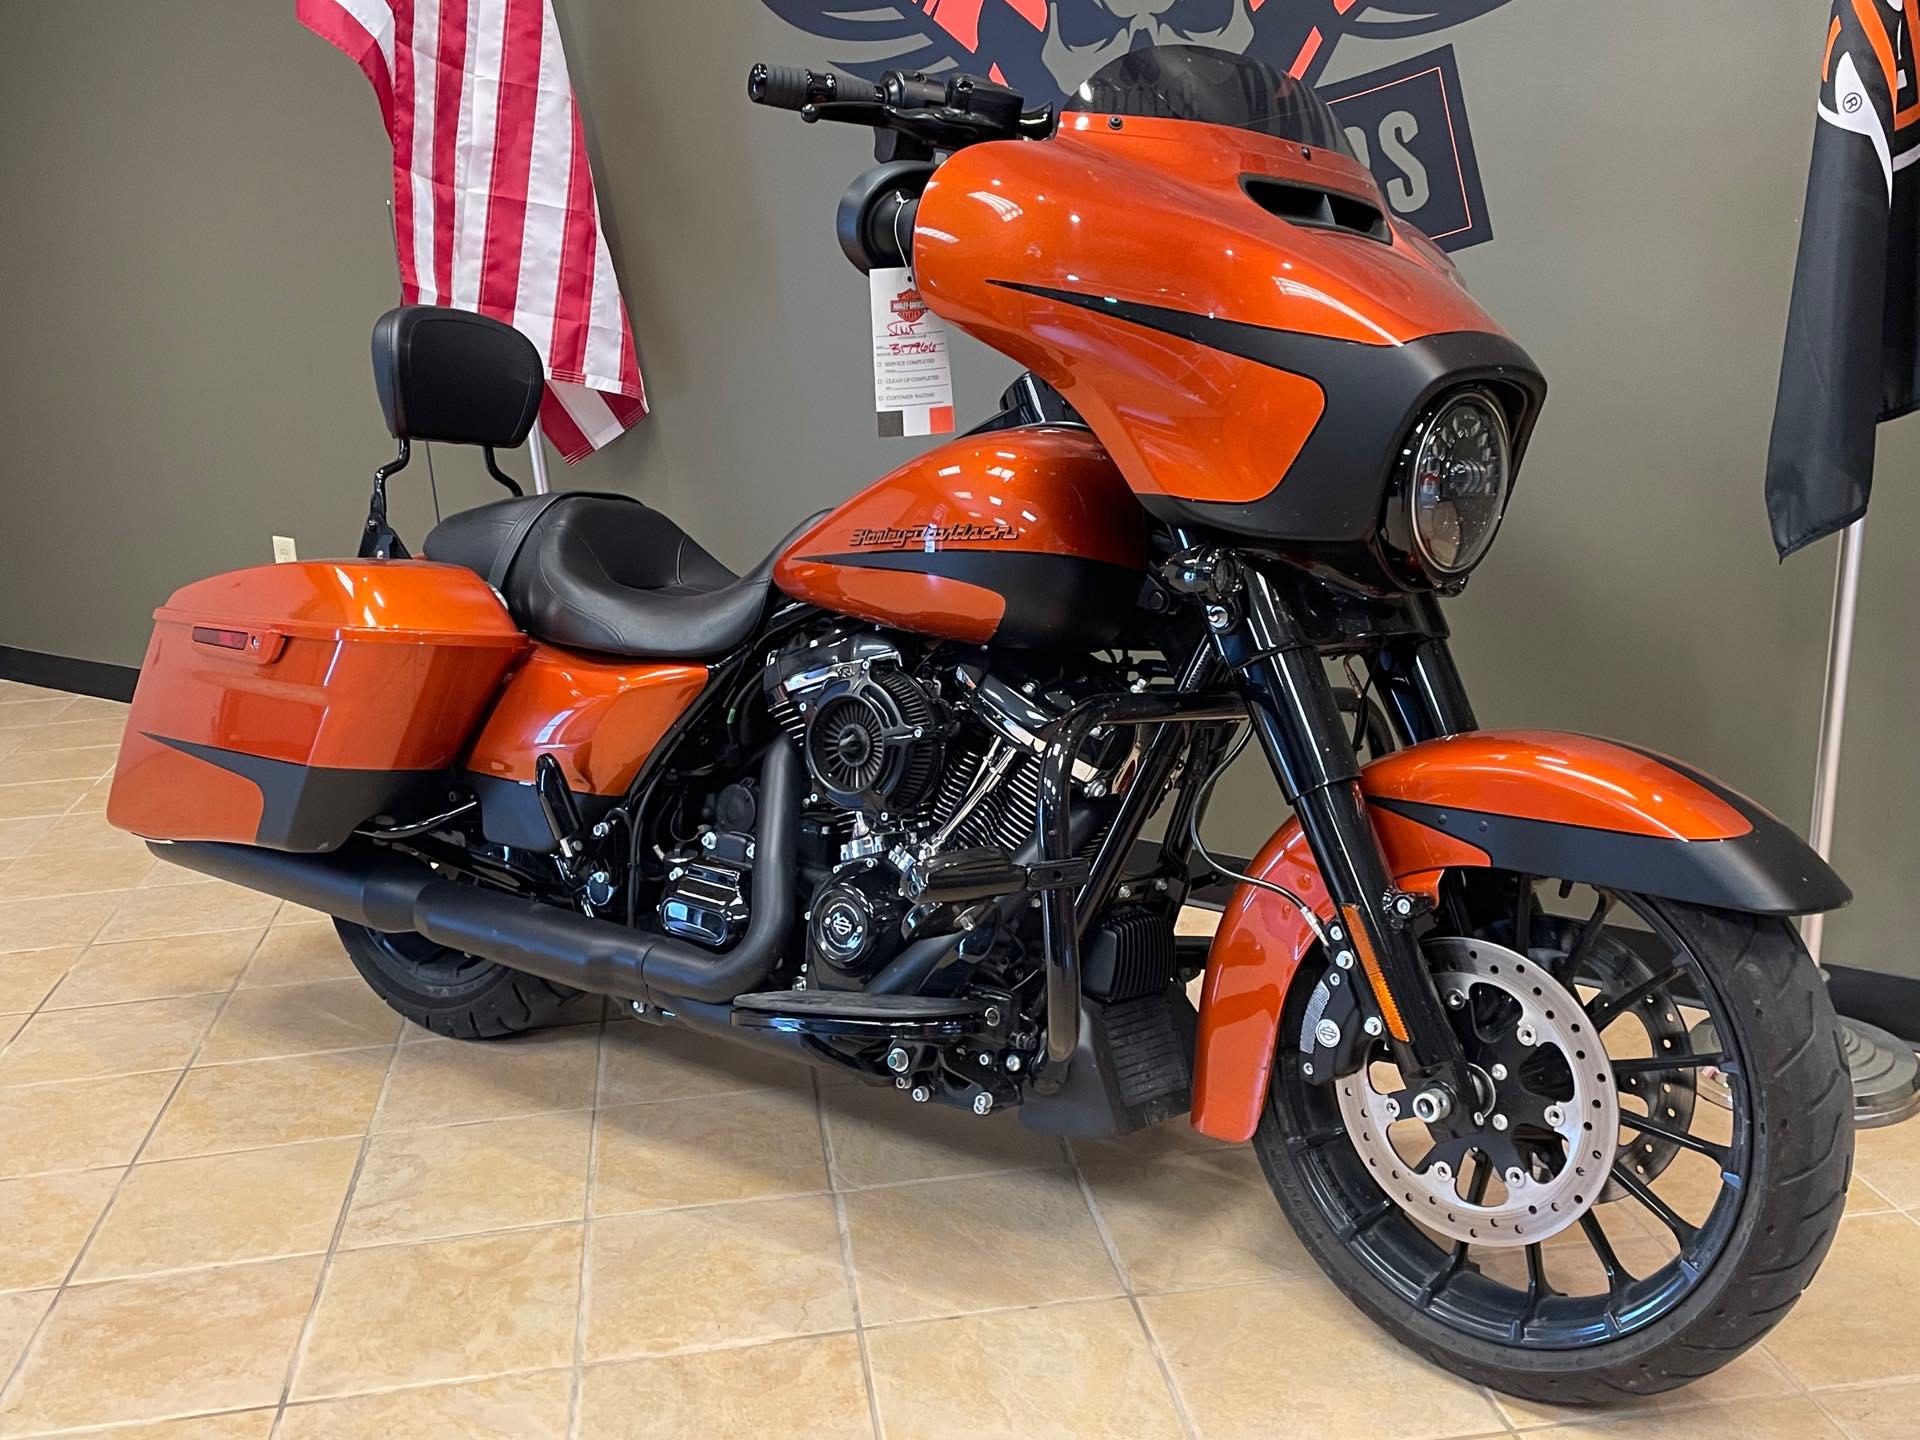 2019 Harley-Davidson Street Glide Special at Loess Hills Harley-Davidson